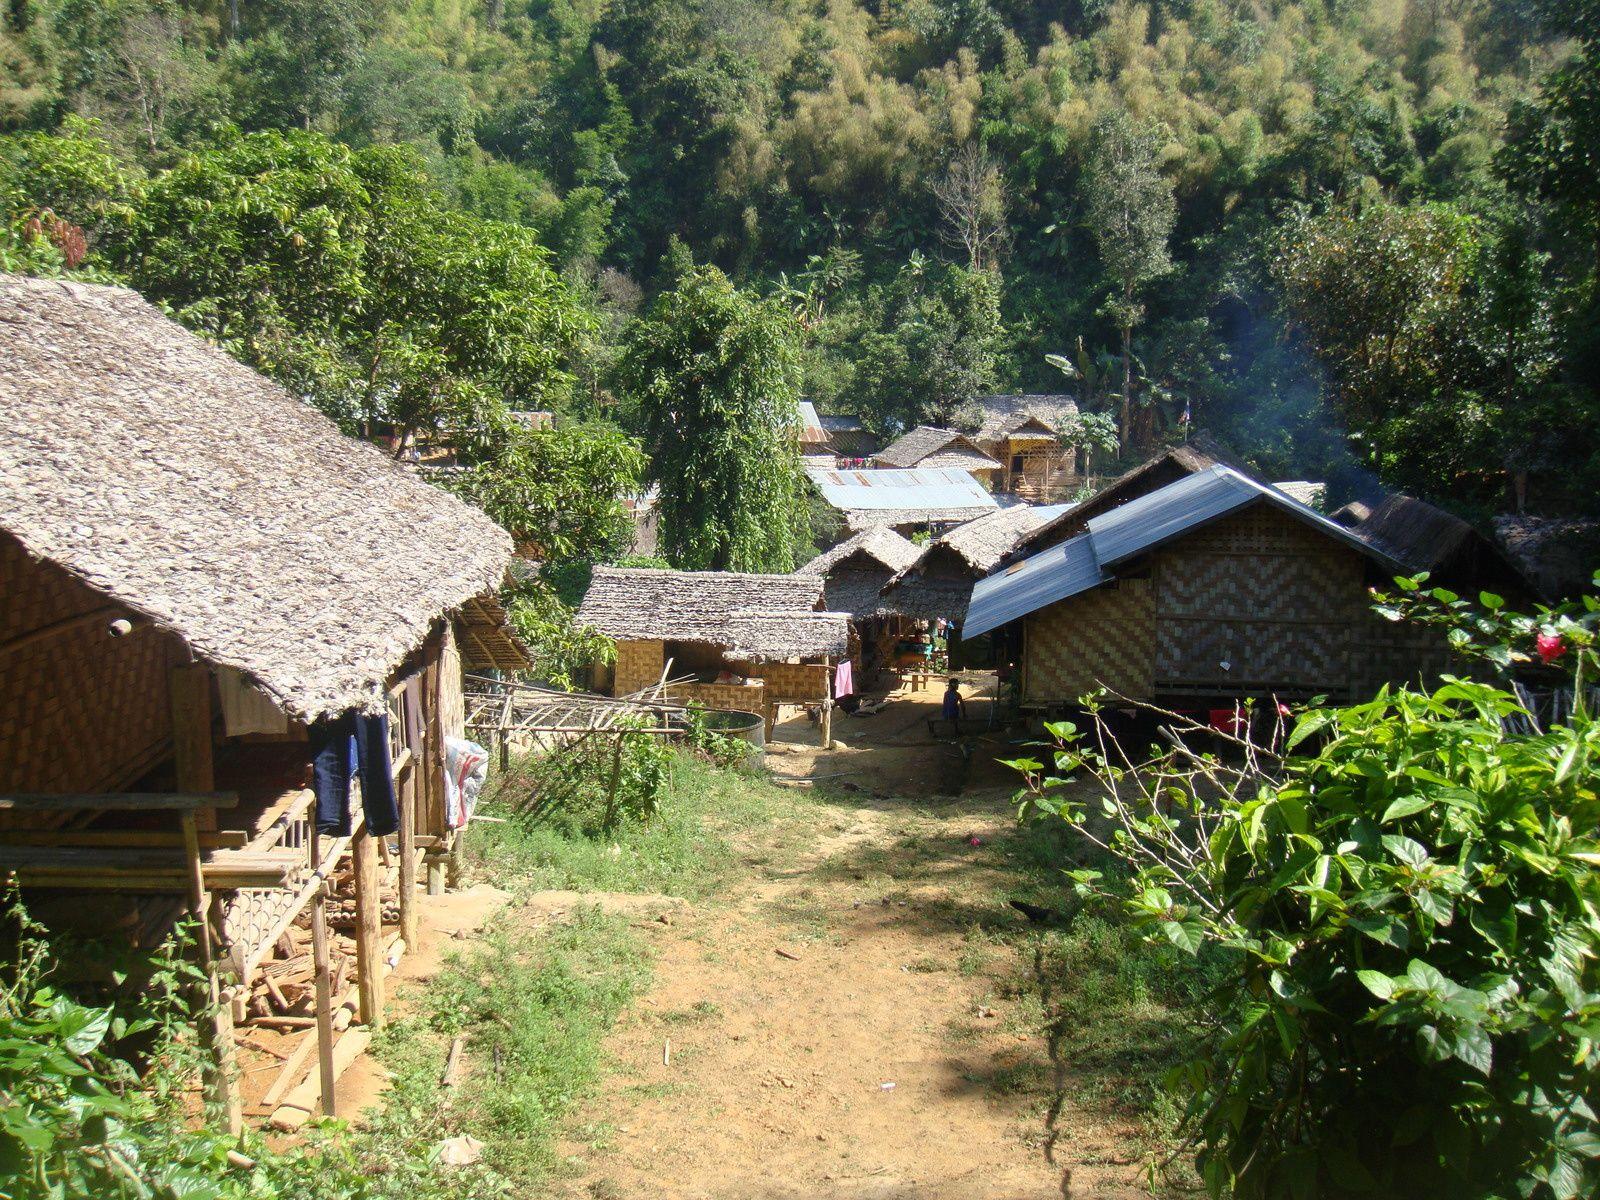 le village et son église St joseph avec St Joseph gardien des lieux